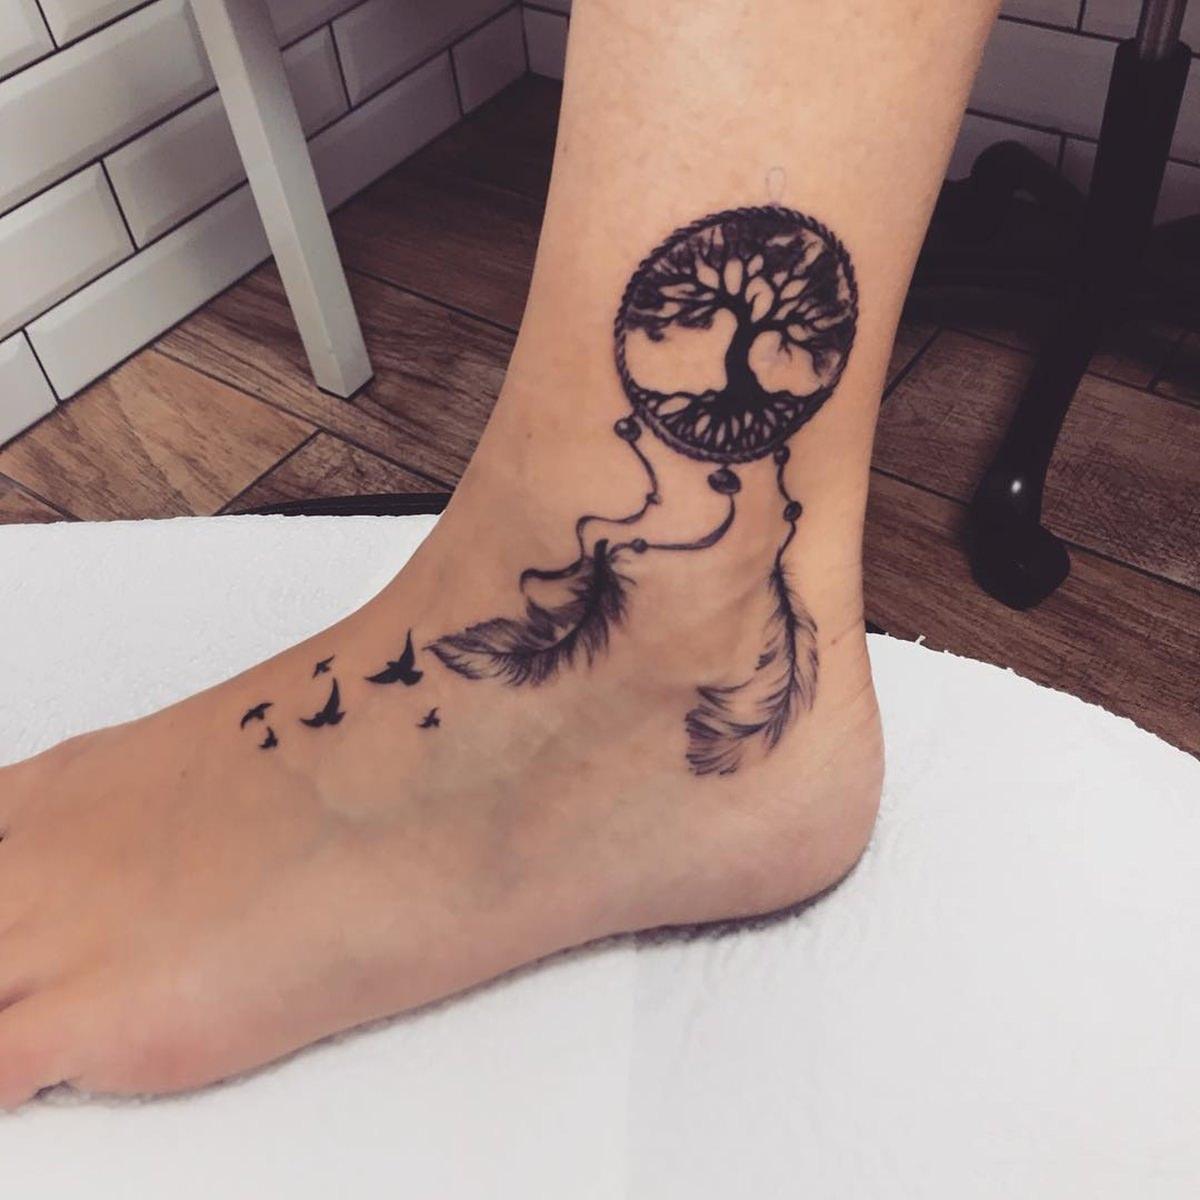 Tatuagem filtro dos sonhos no pé